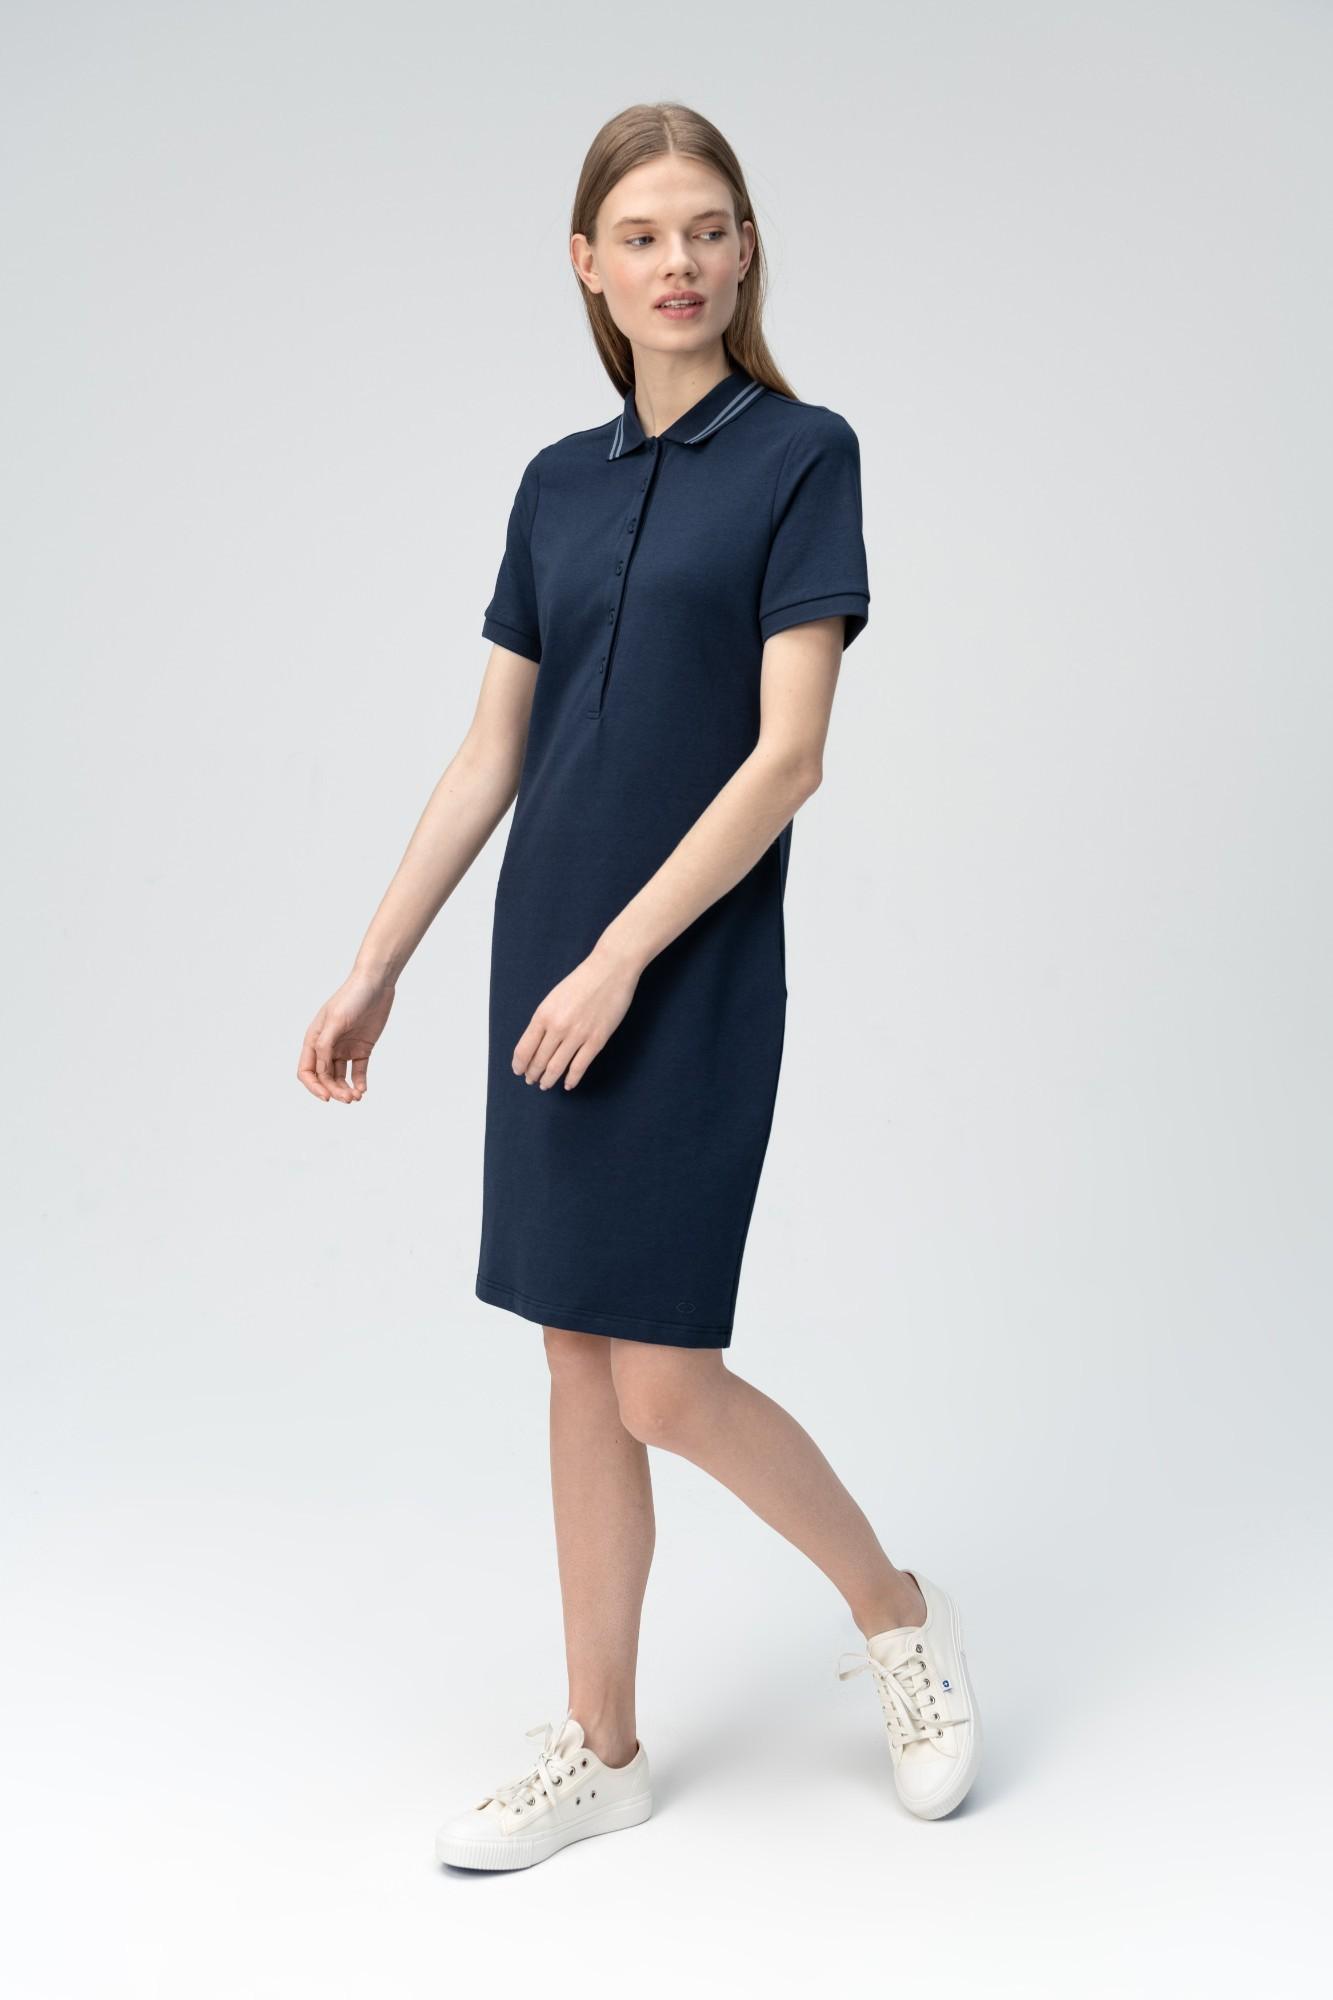 AUDIMAS Švelnaus modalo polo suknelė 2011-172 Navy Blazer L